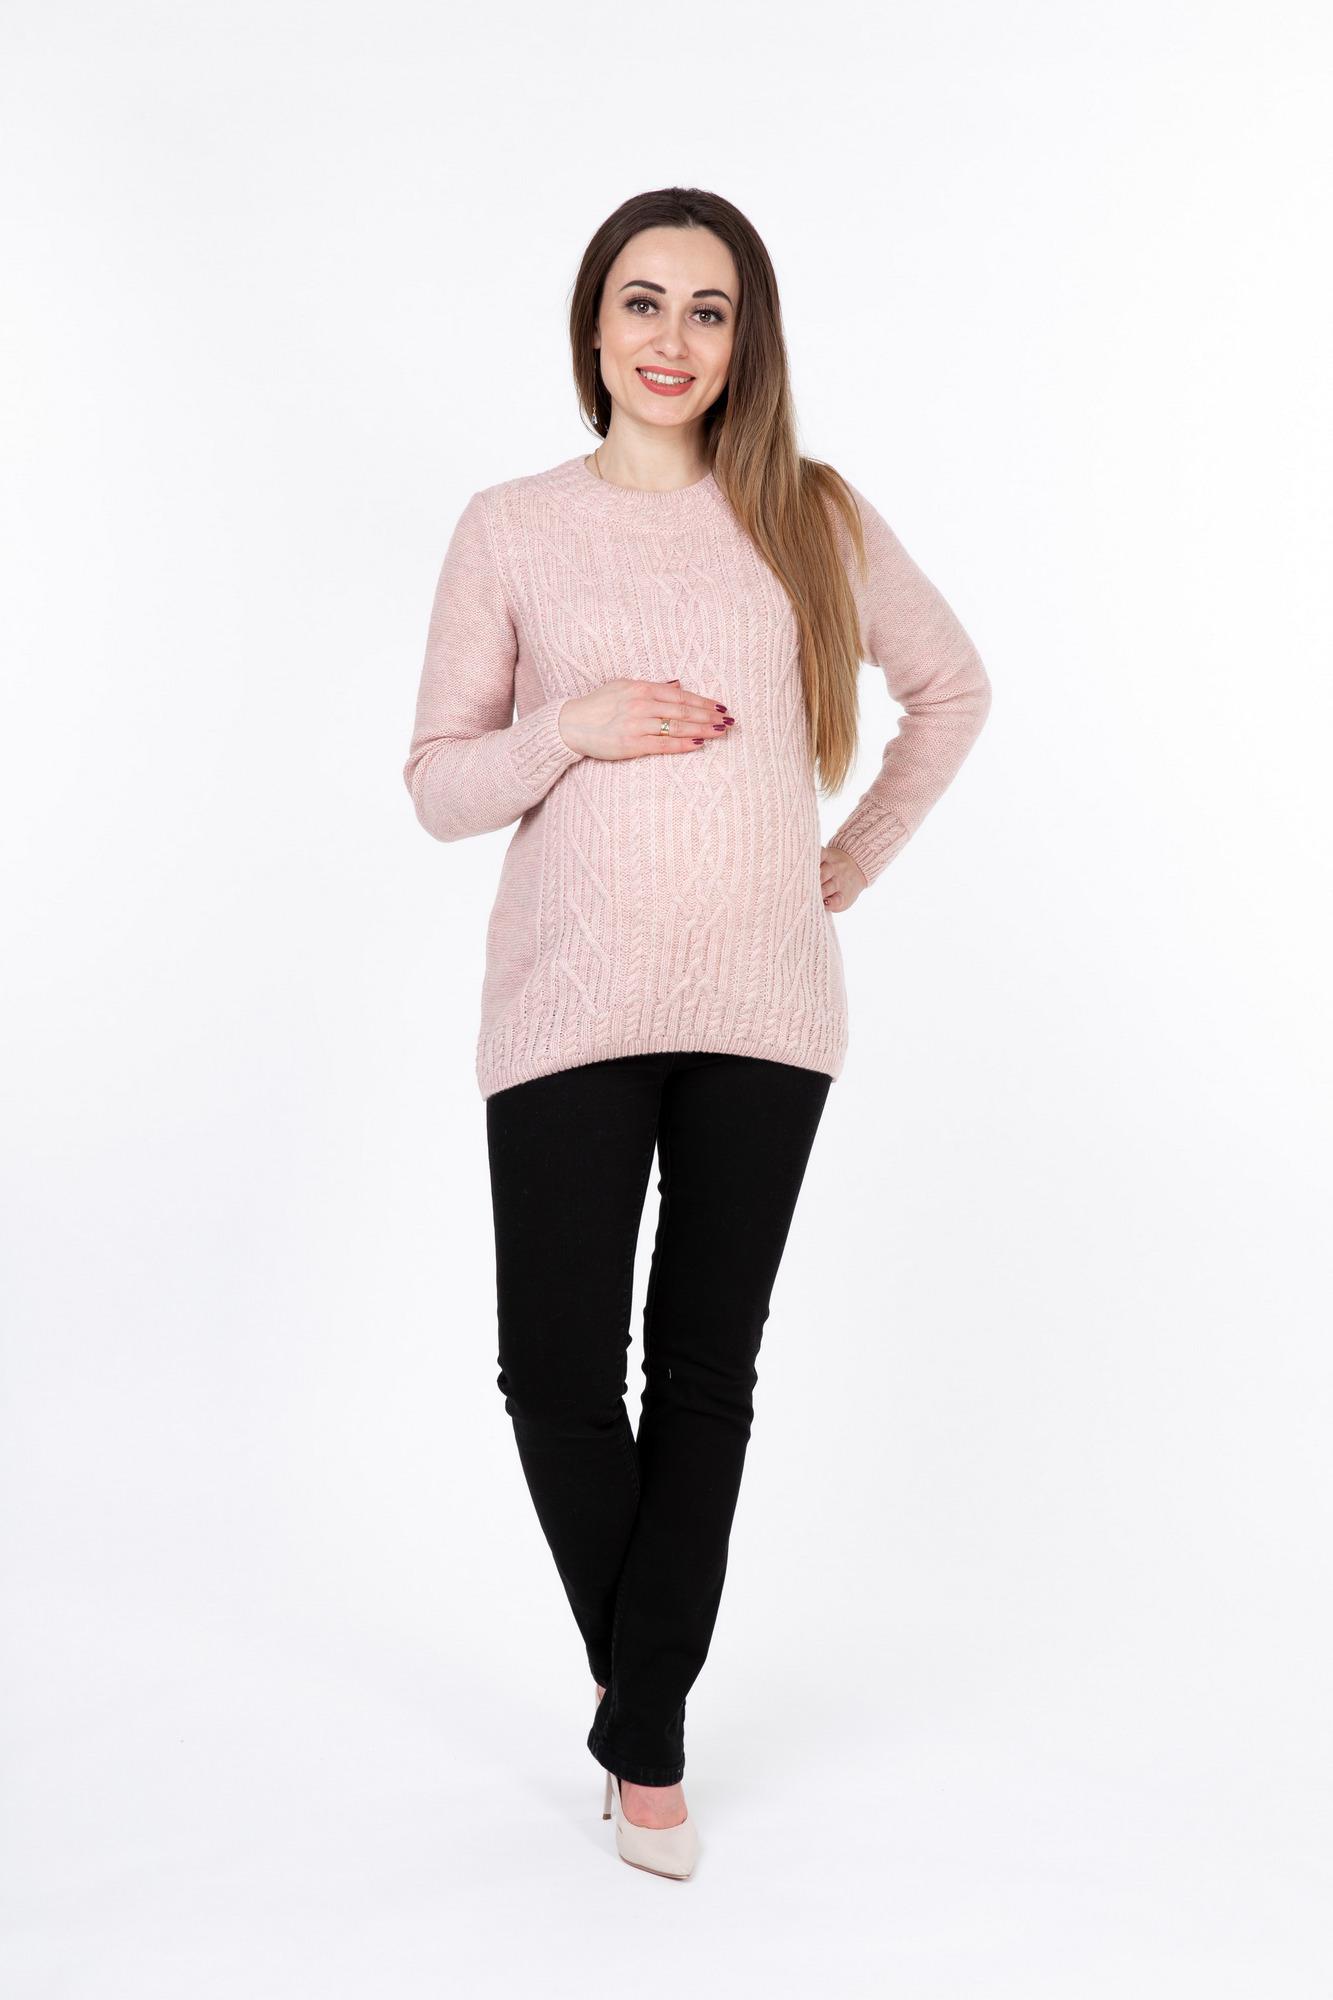 Свитер 09906 розовый   Магазин для беременных и кормящих мам ... fc9468c98d2